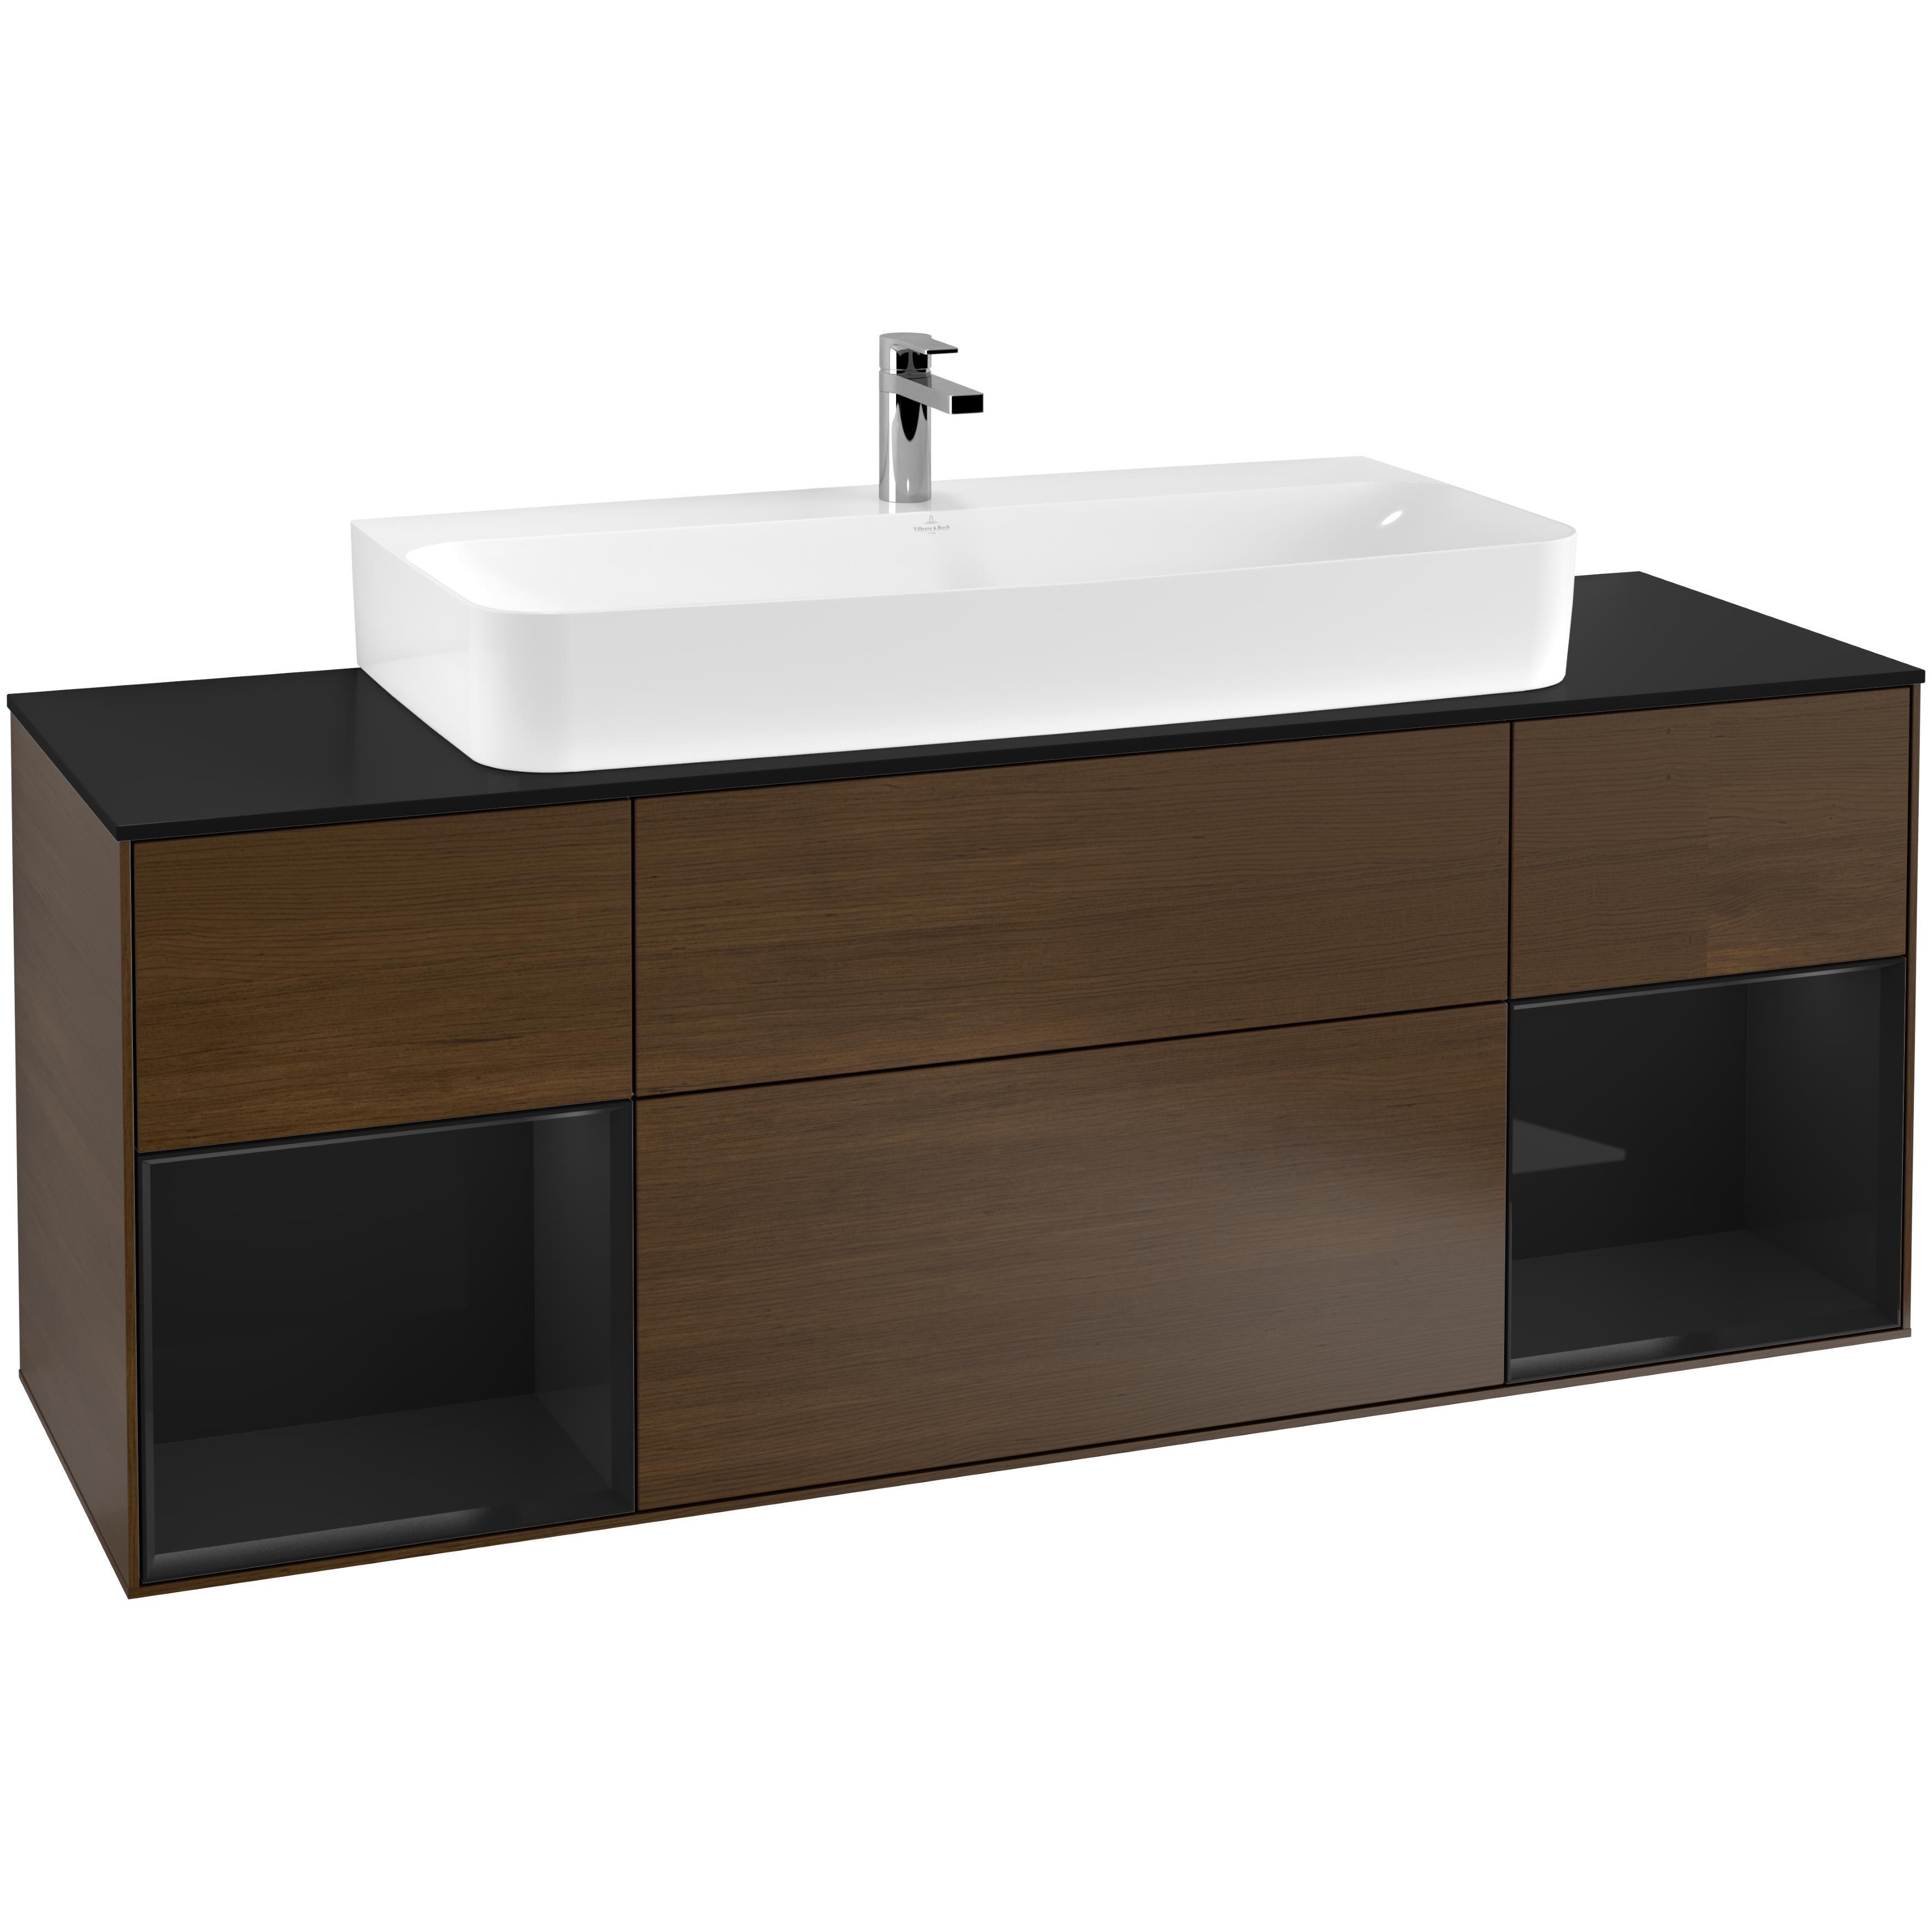 Tvättställsskåp Villeroy & Boch Finion med Två Hyllor och Bänkskiva för Centrerat Tvättställ